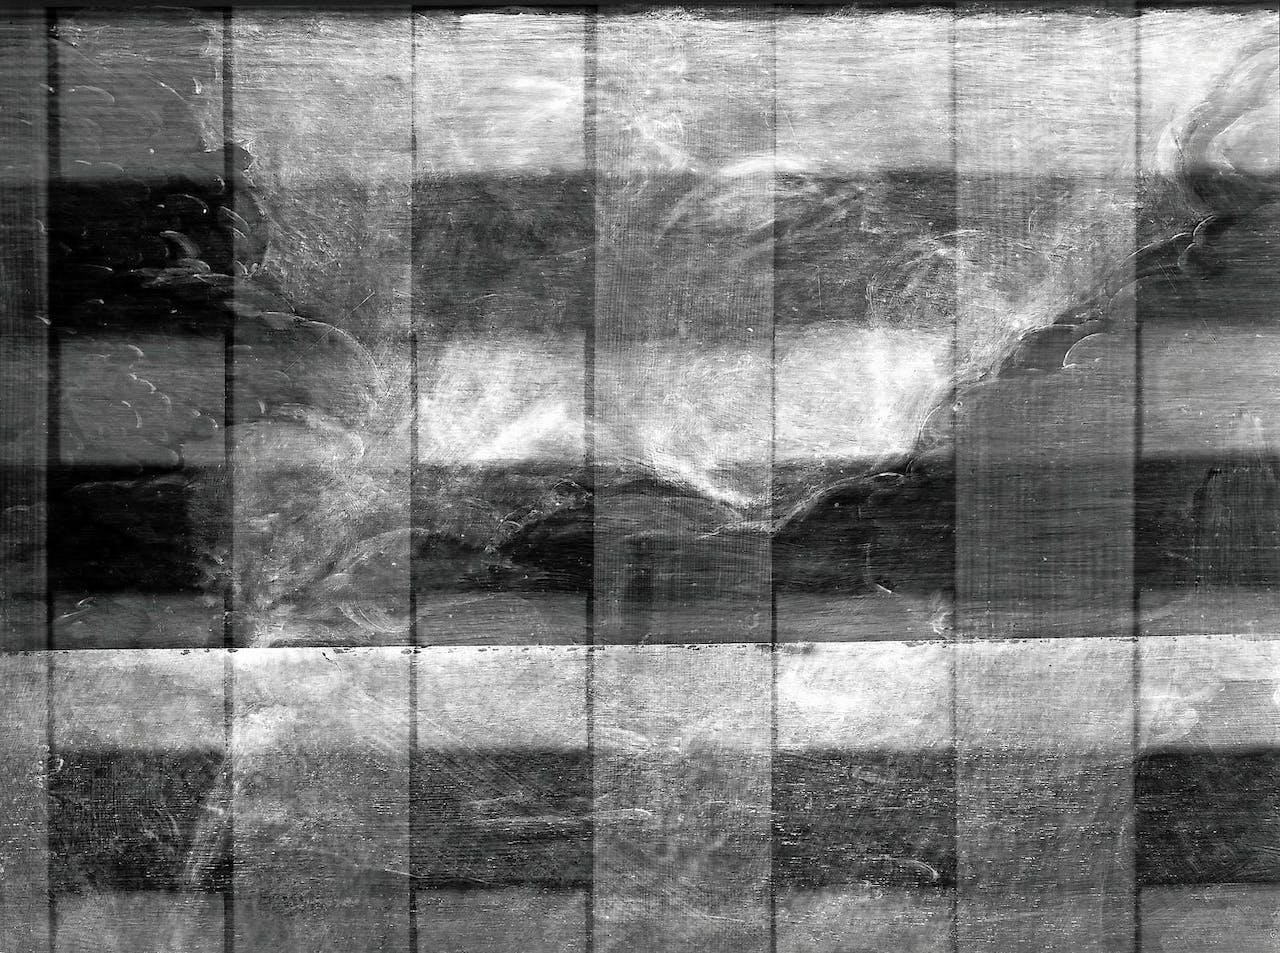 De contouren van God de Vader, verstopt achter een wolk op het paneel.